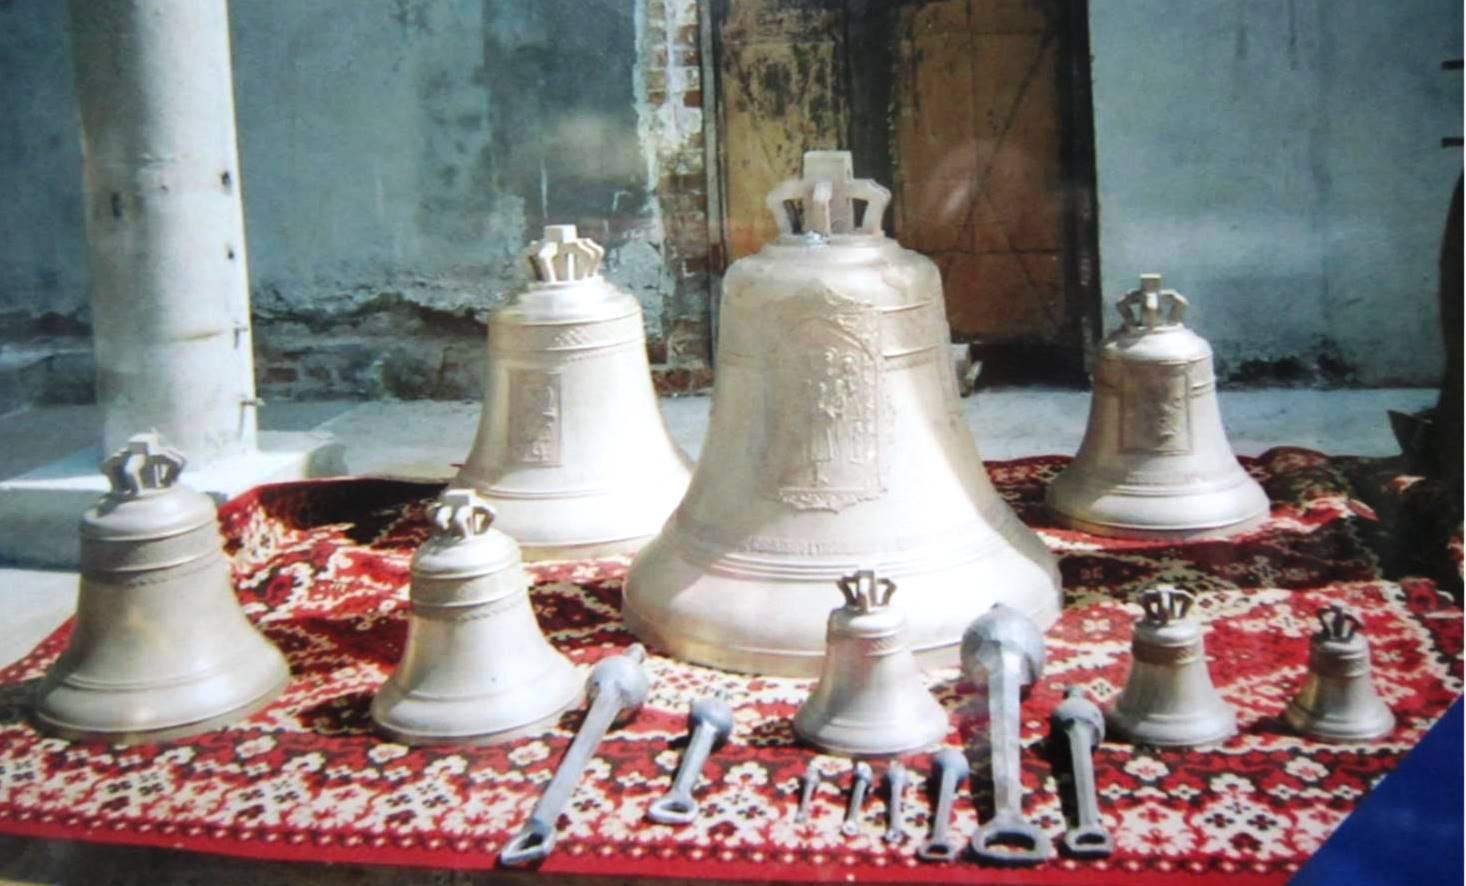 Тюменская область, Абатское, село Абатское, малые города, православная история Урала, Сибирь